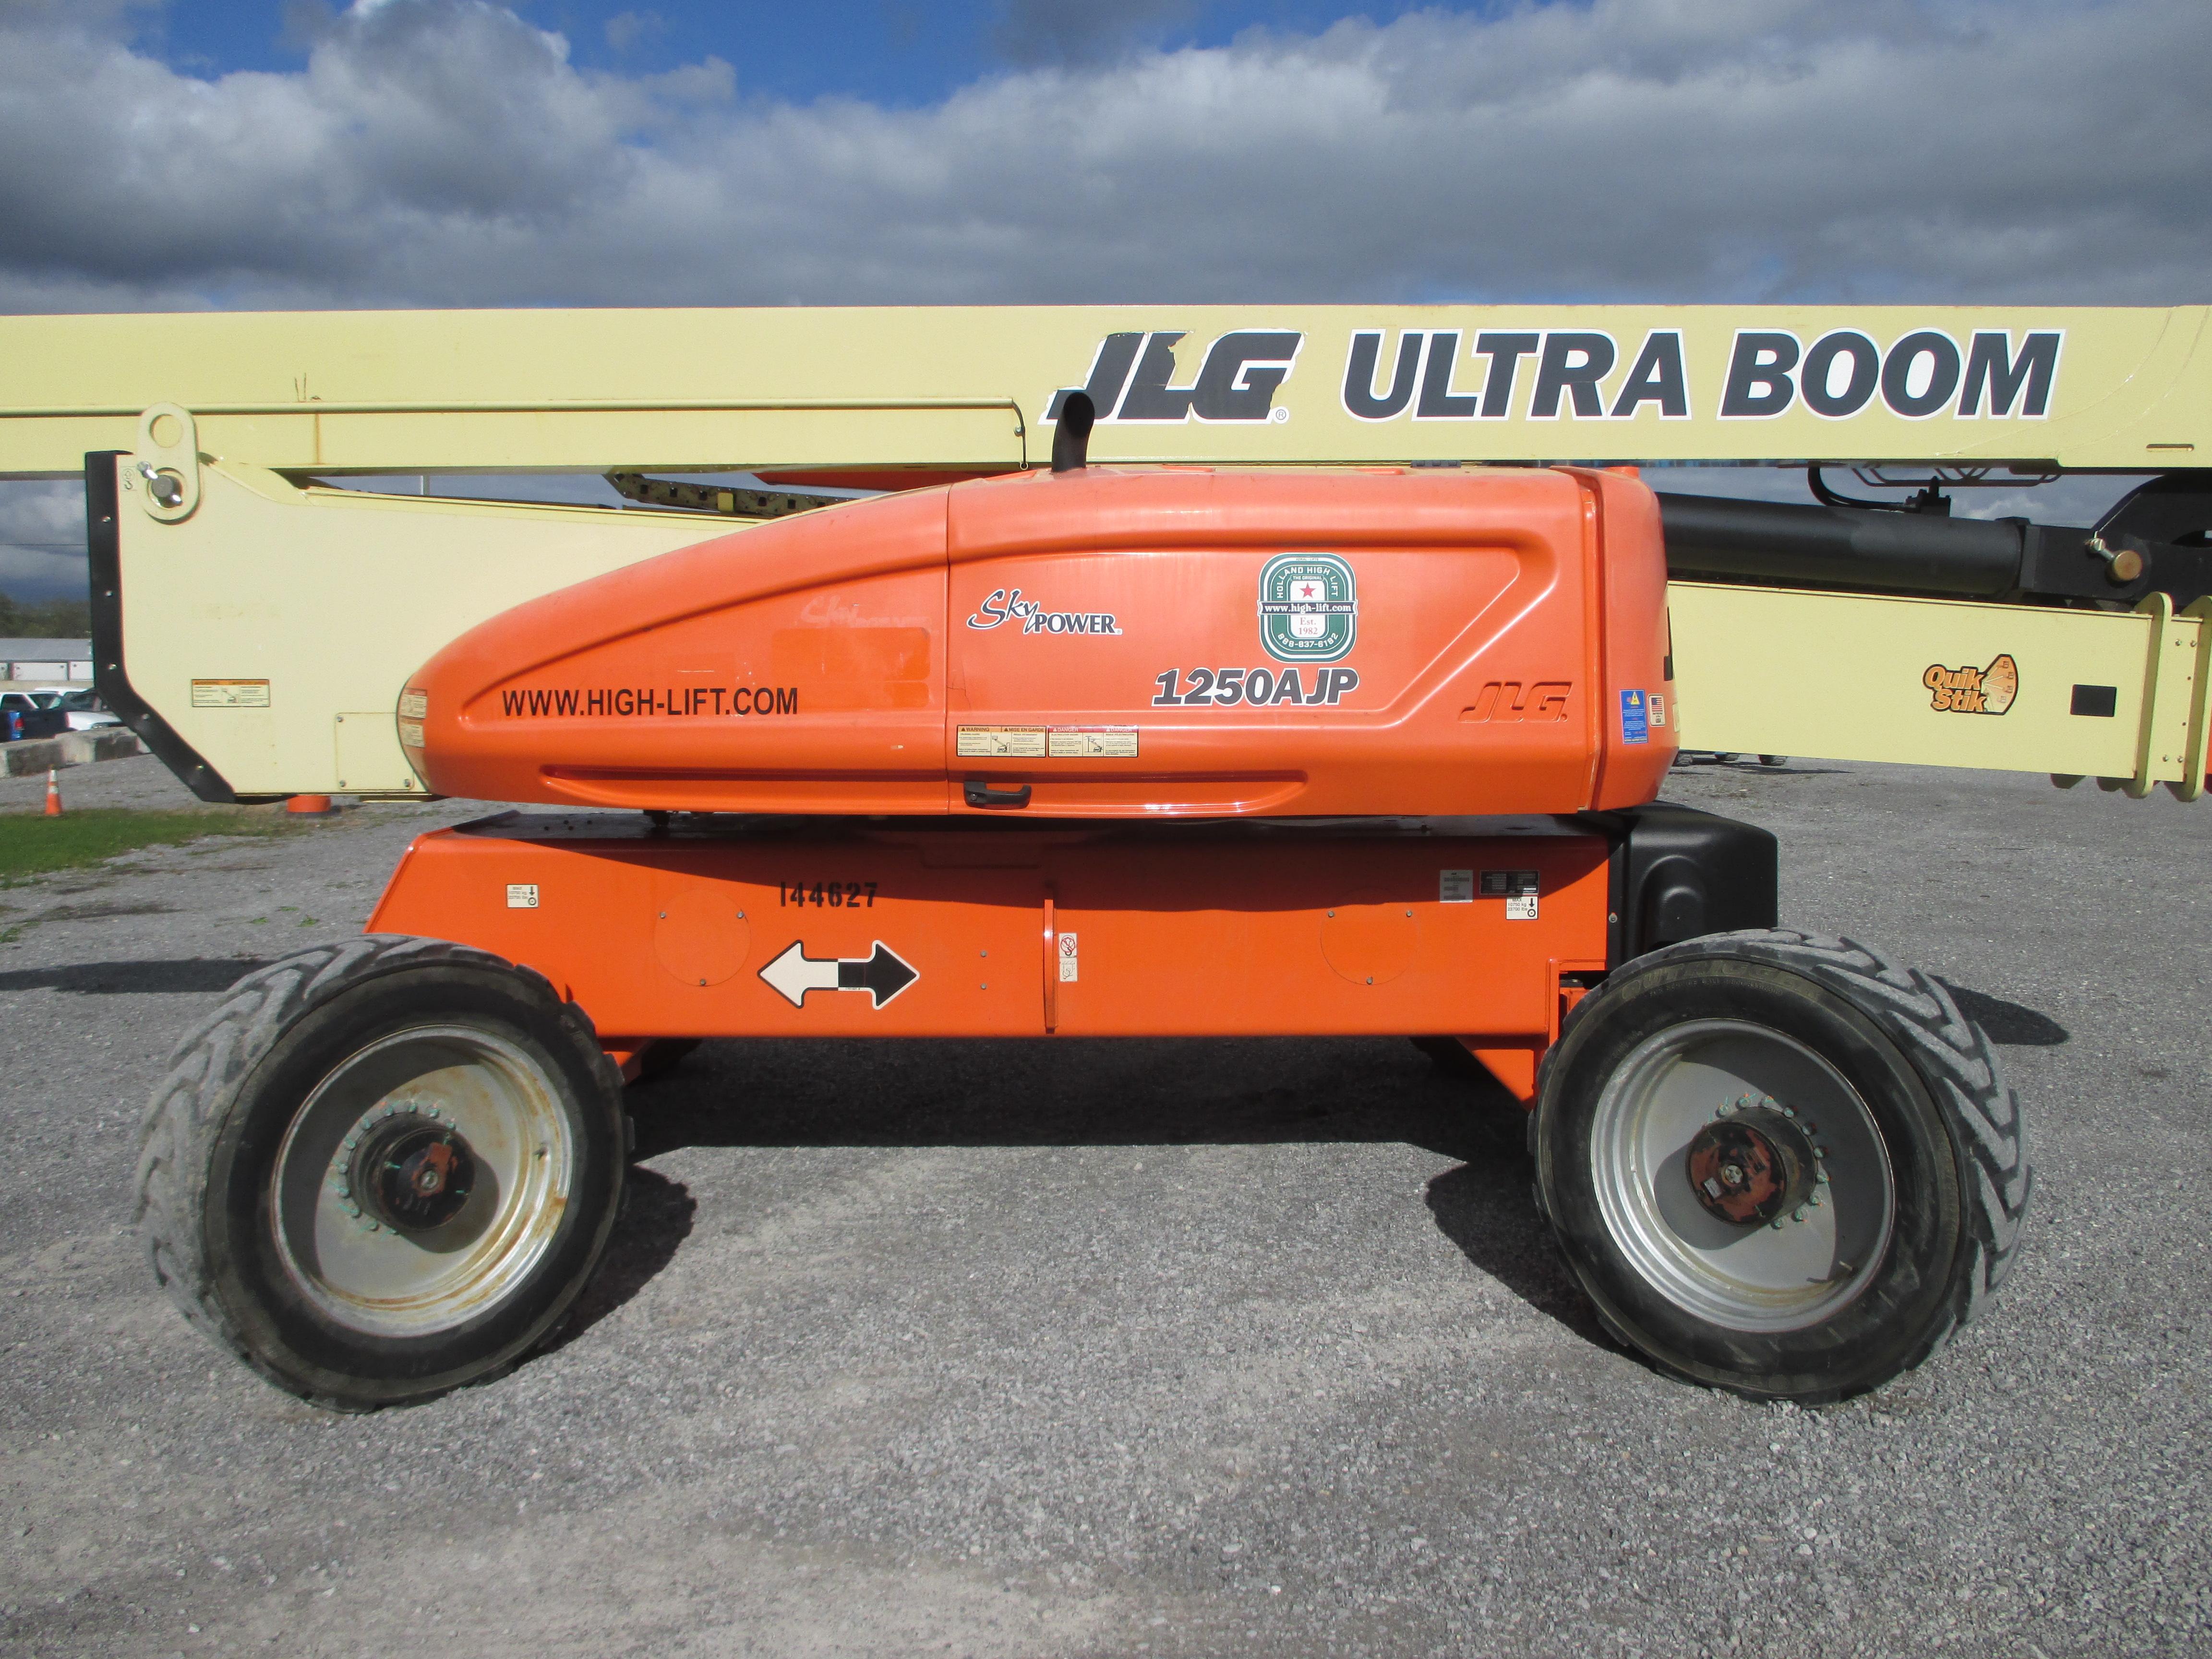 2011 JLG 1250AJP-6